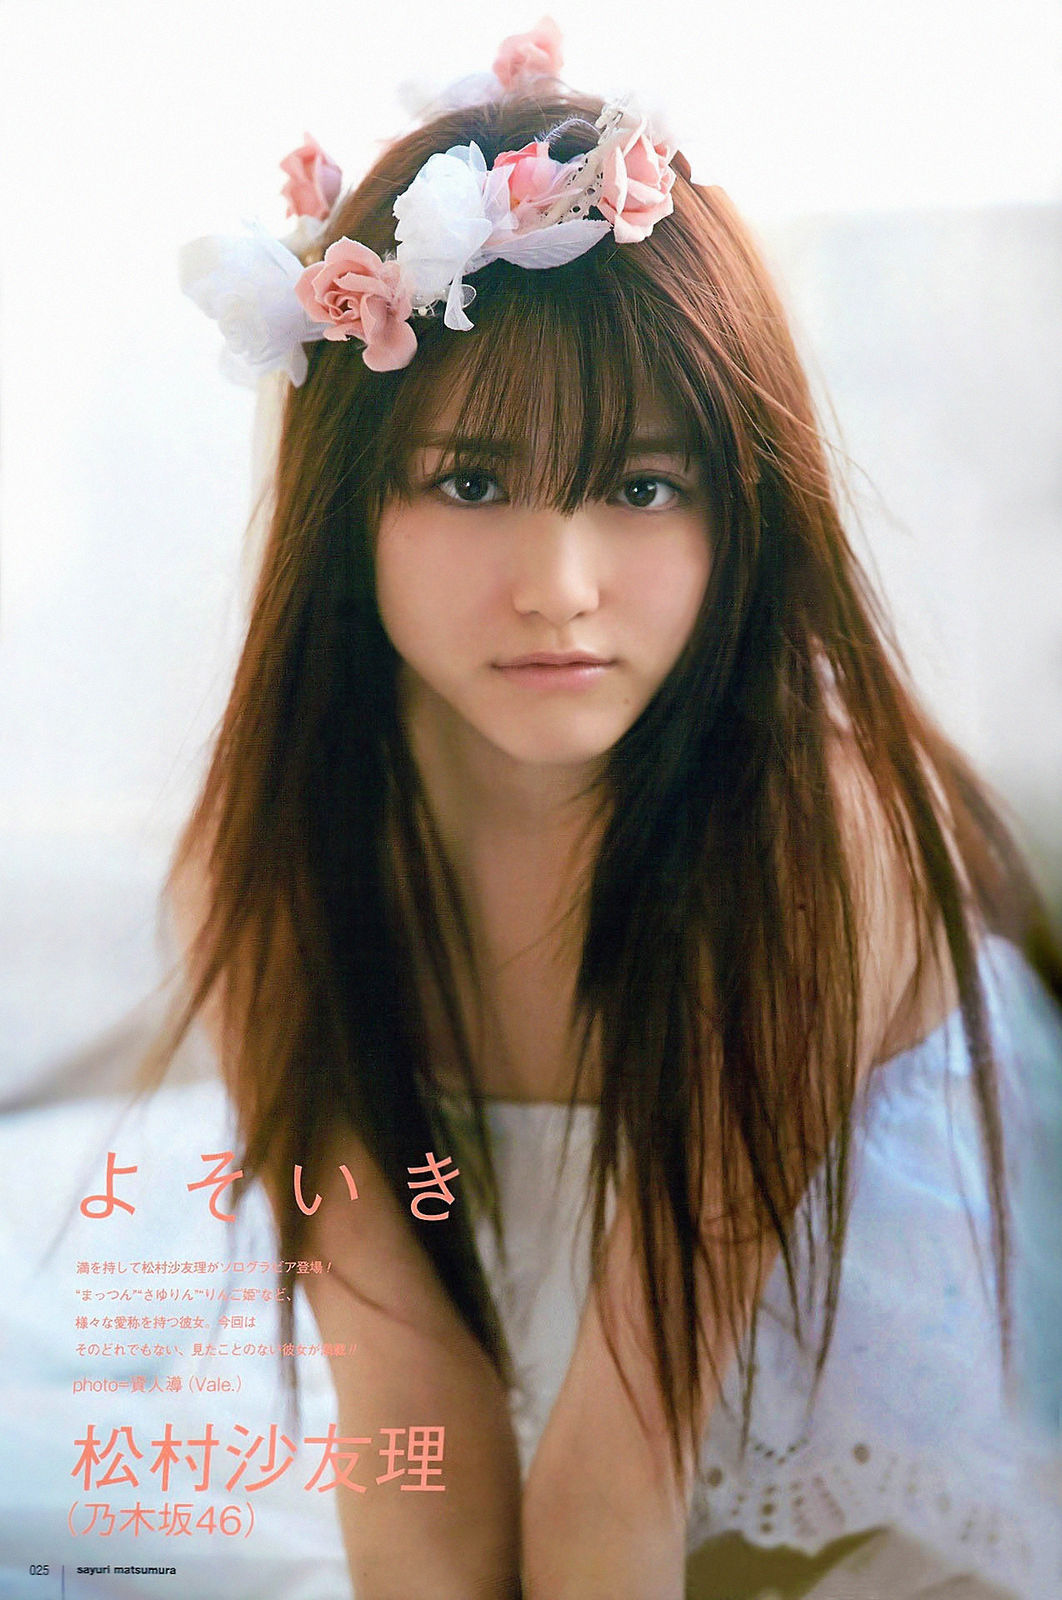 乃木坂46松村沙友理の写真集水着姿のエロ画像100枚・56枚目の画像